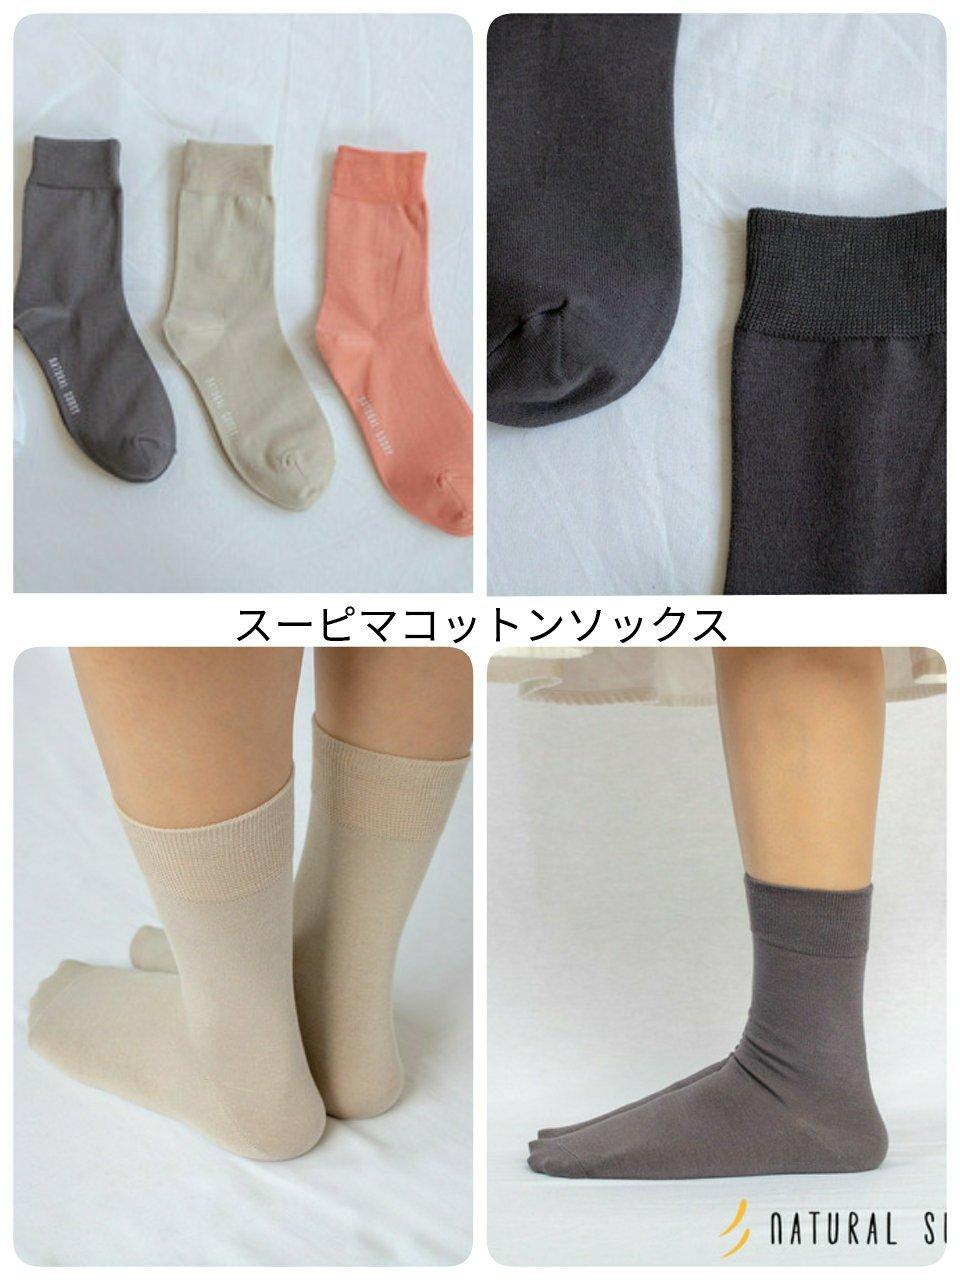 靴下、腹巻き、ネックウォーマー_f0255704_15130298.jpg